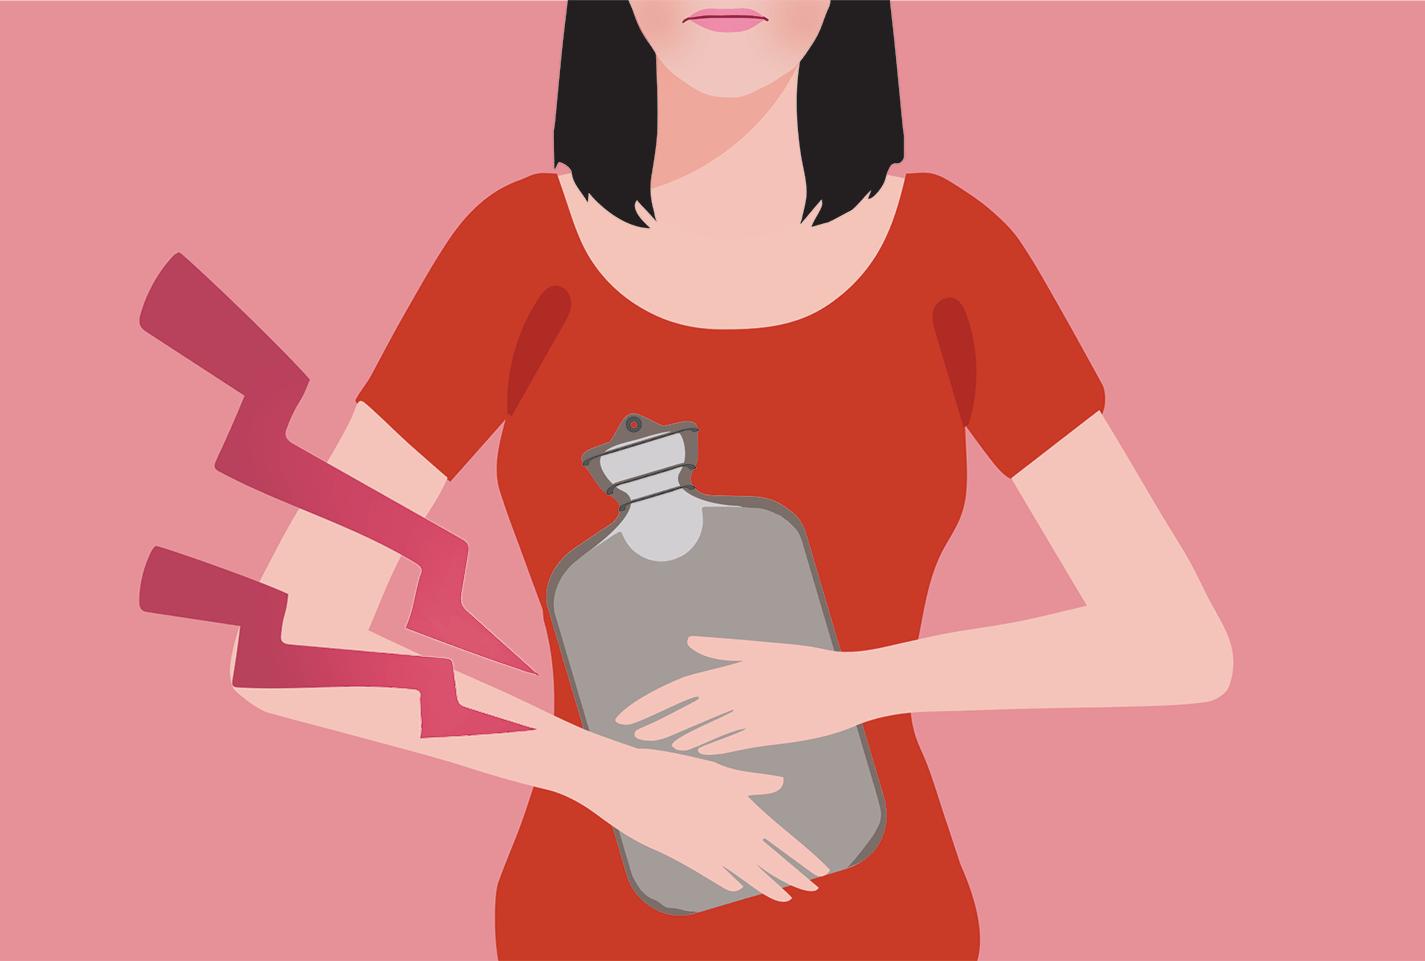 عدم انتظام الدورة الشهرية سوء التغذية أو الاكتئاب أو الاضطرابات الهرمونية أو متلازمة المبيض متعدد الكيسات وظيفة الغدة الدرقية